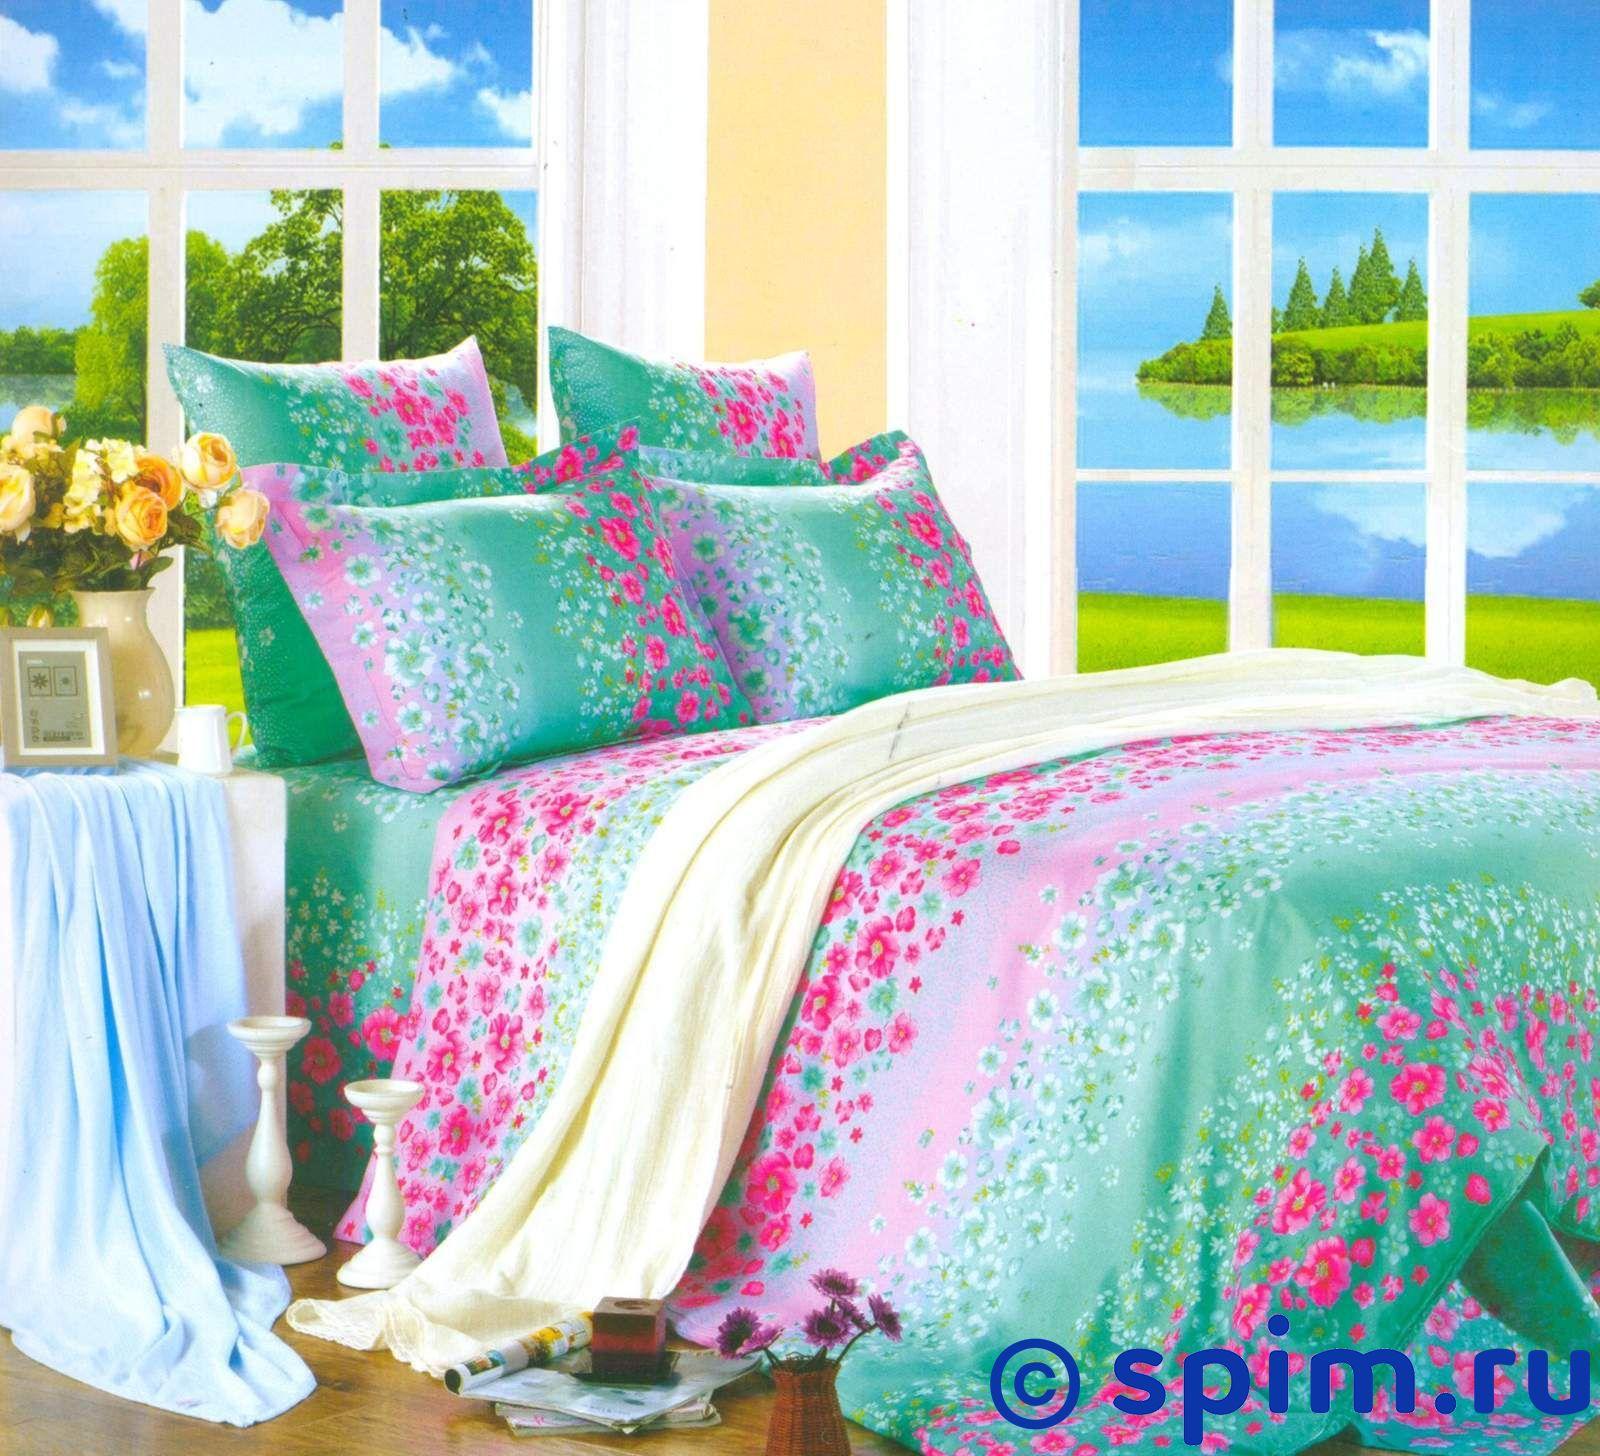 Комплект СайлиД А153 1.5 спальное